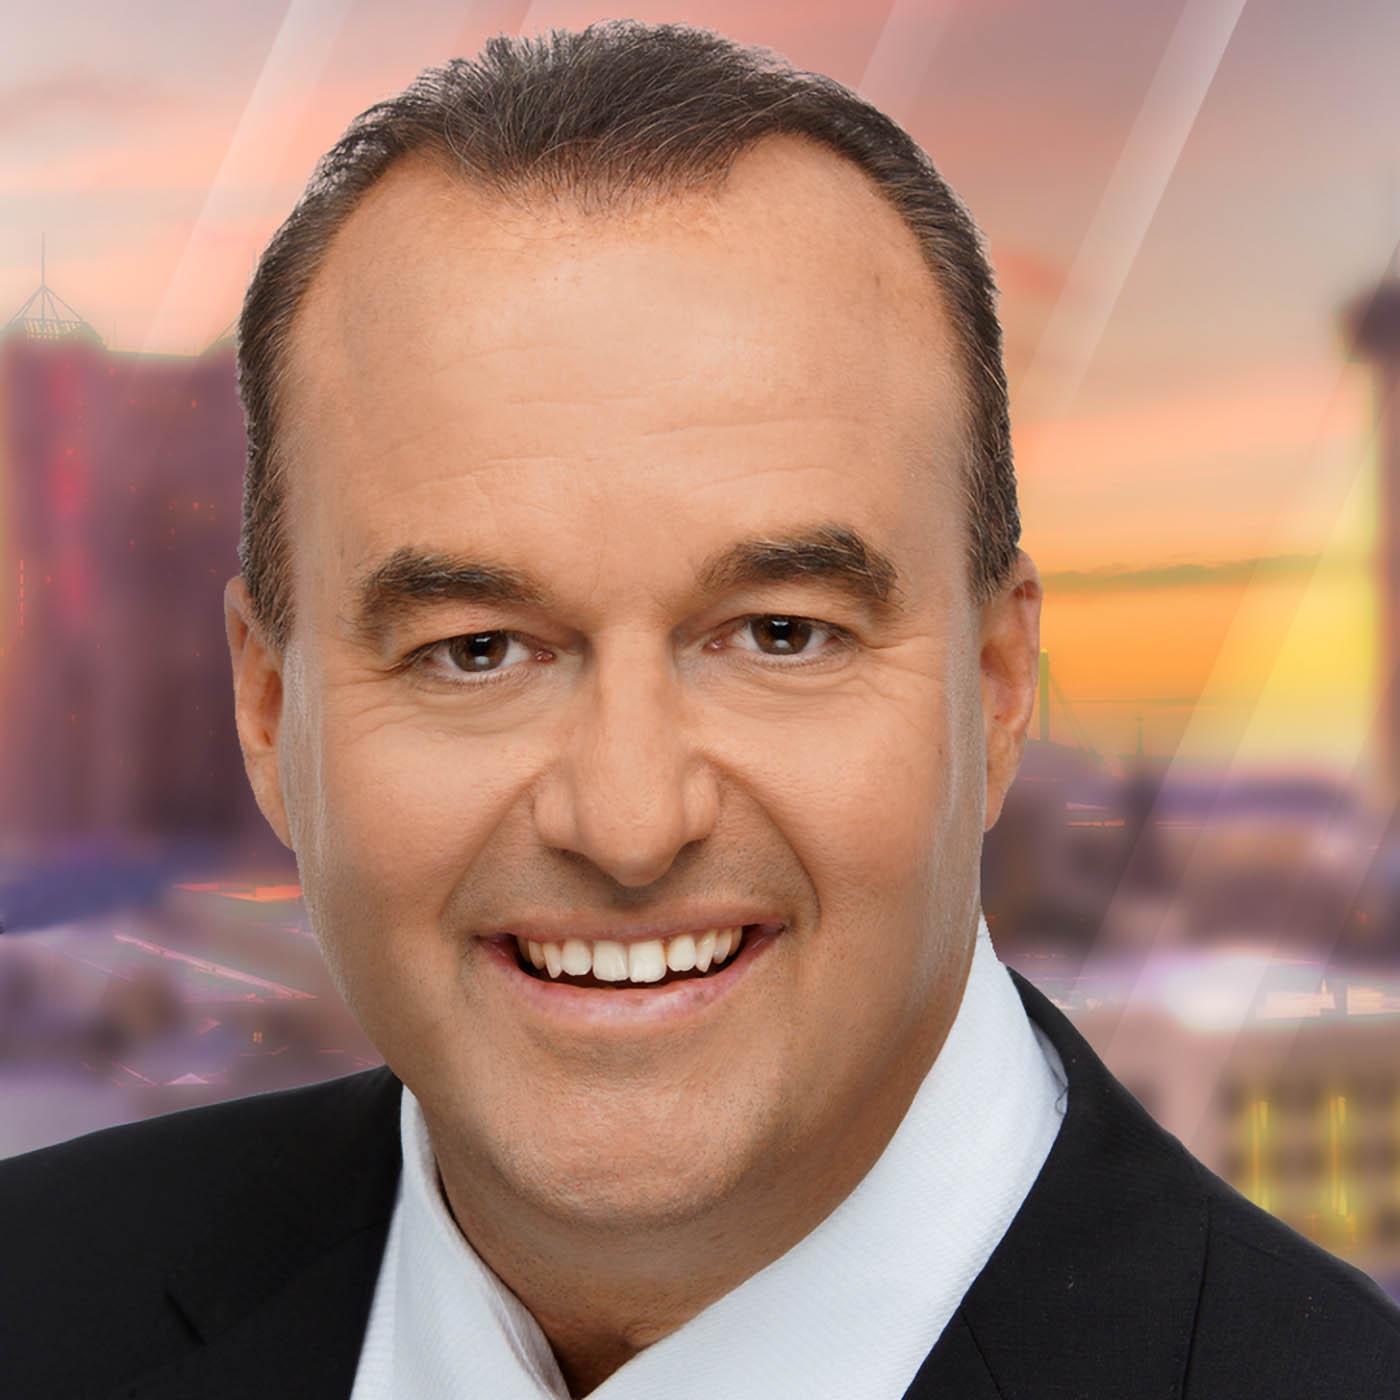 Don Harris at WOAI News